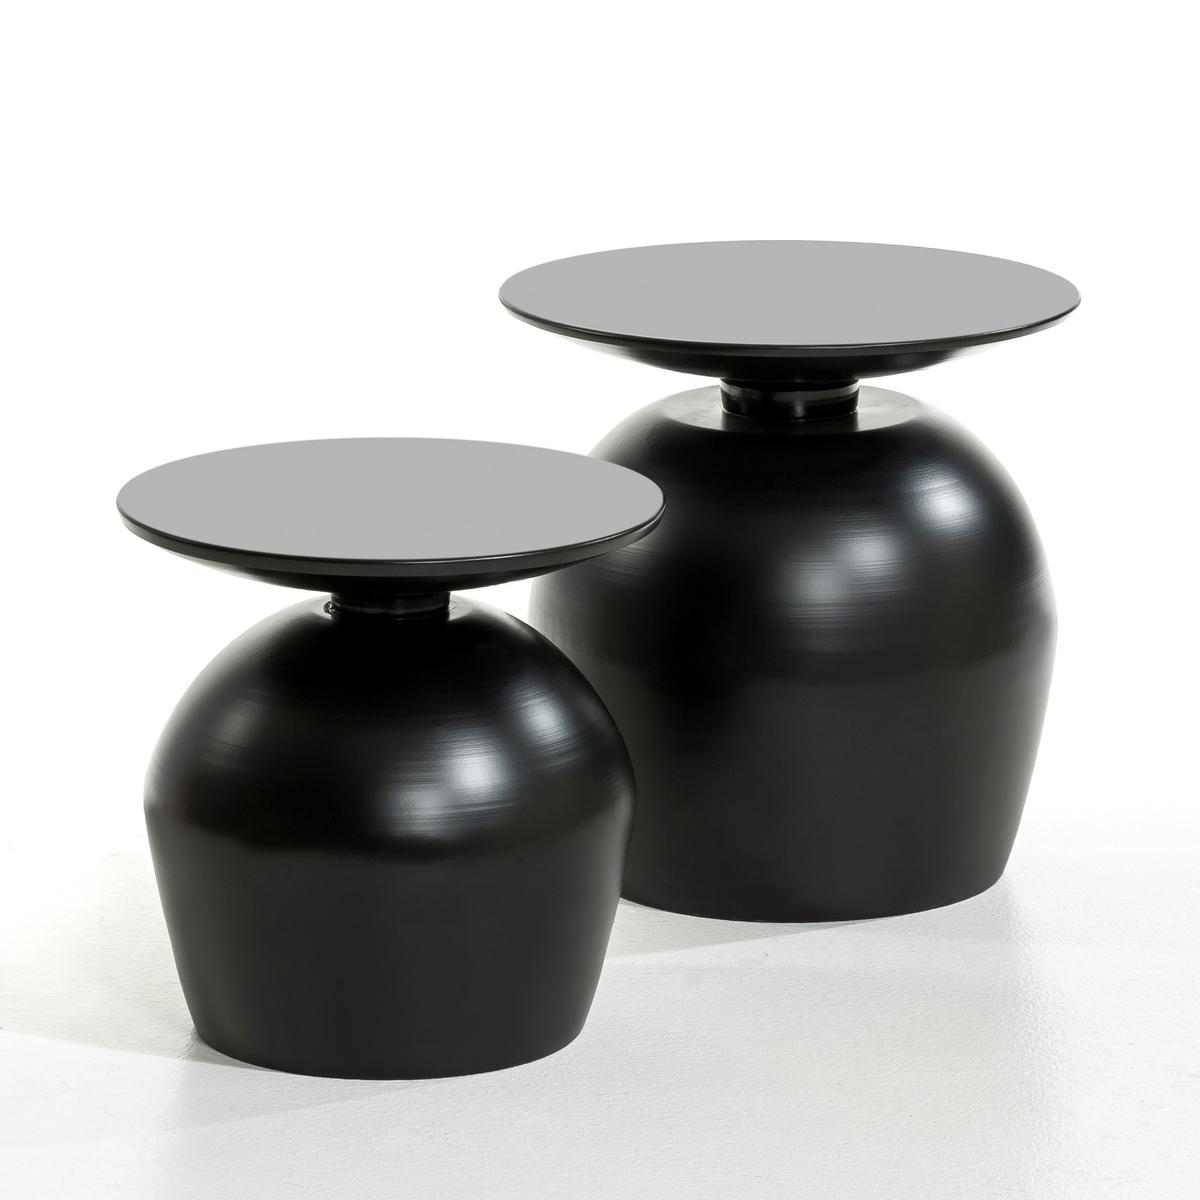 Столик из металла, LotharСтолик Lothar. Столик из металла удивительной формы, напоминающей перевернутый бокал, придаст вашему интерьеру необычный штрих .  Описание : - Из металла . Размеры : - размер 1 : ?40 x 37 см . - размер 2 : ?45 x 46 см .<br><br>Цвет: белый,светло-синий,черный<br>Размер: размер 1.размер 1.размер 2